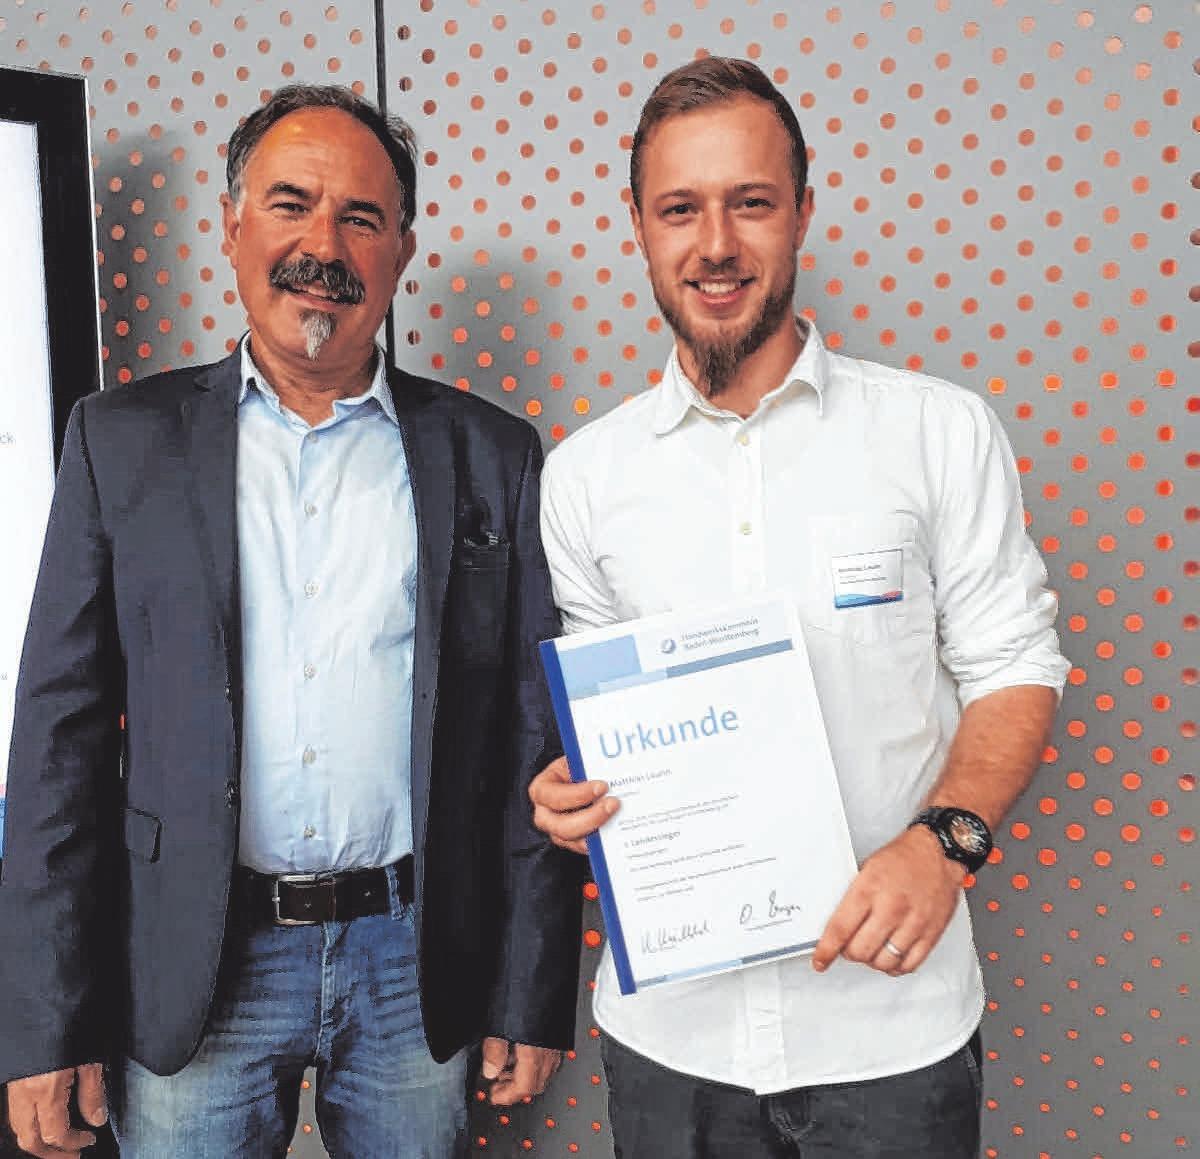 Matthias Laurin (rechts) ist bester Stuckateur Deutschlands. Sein Ausbilder Johann Hahn (links) ist stolz auf ihn. FOTO: PRIVAT